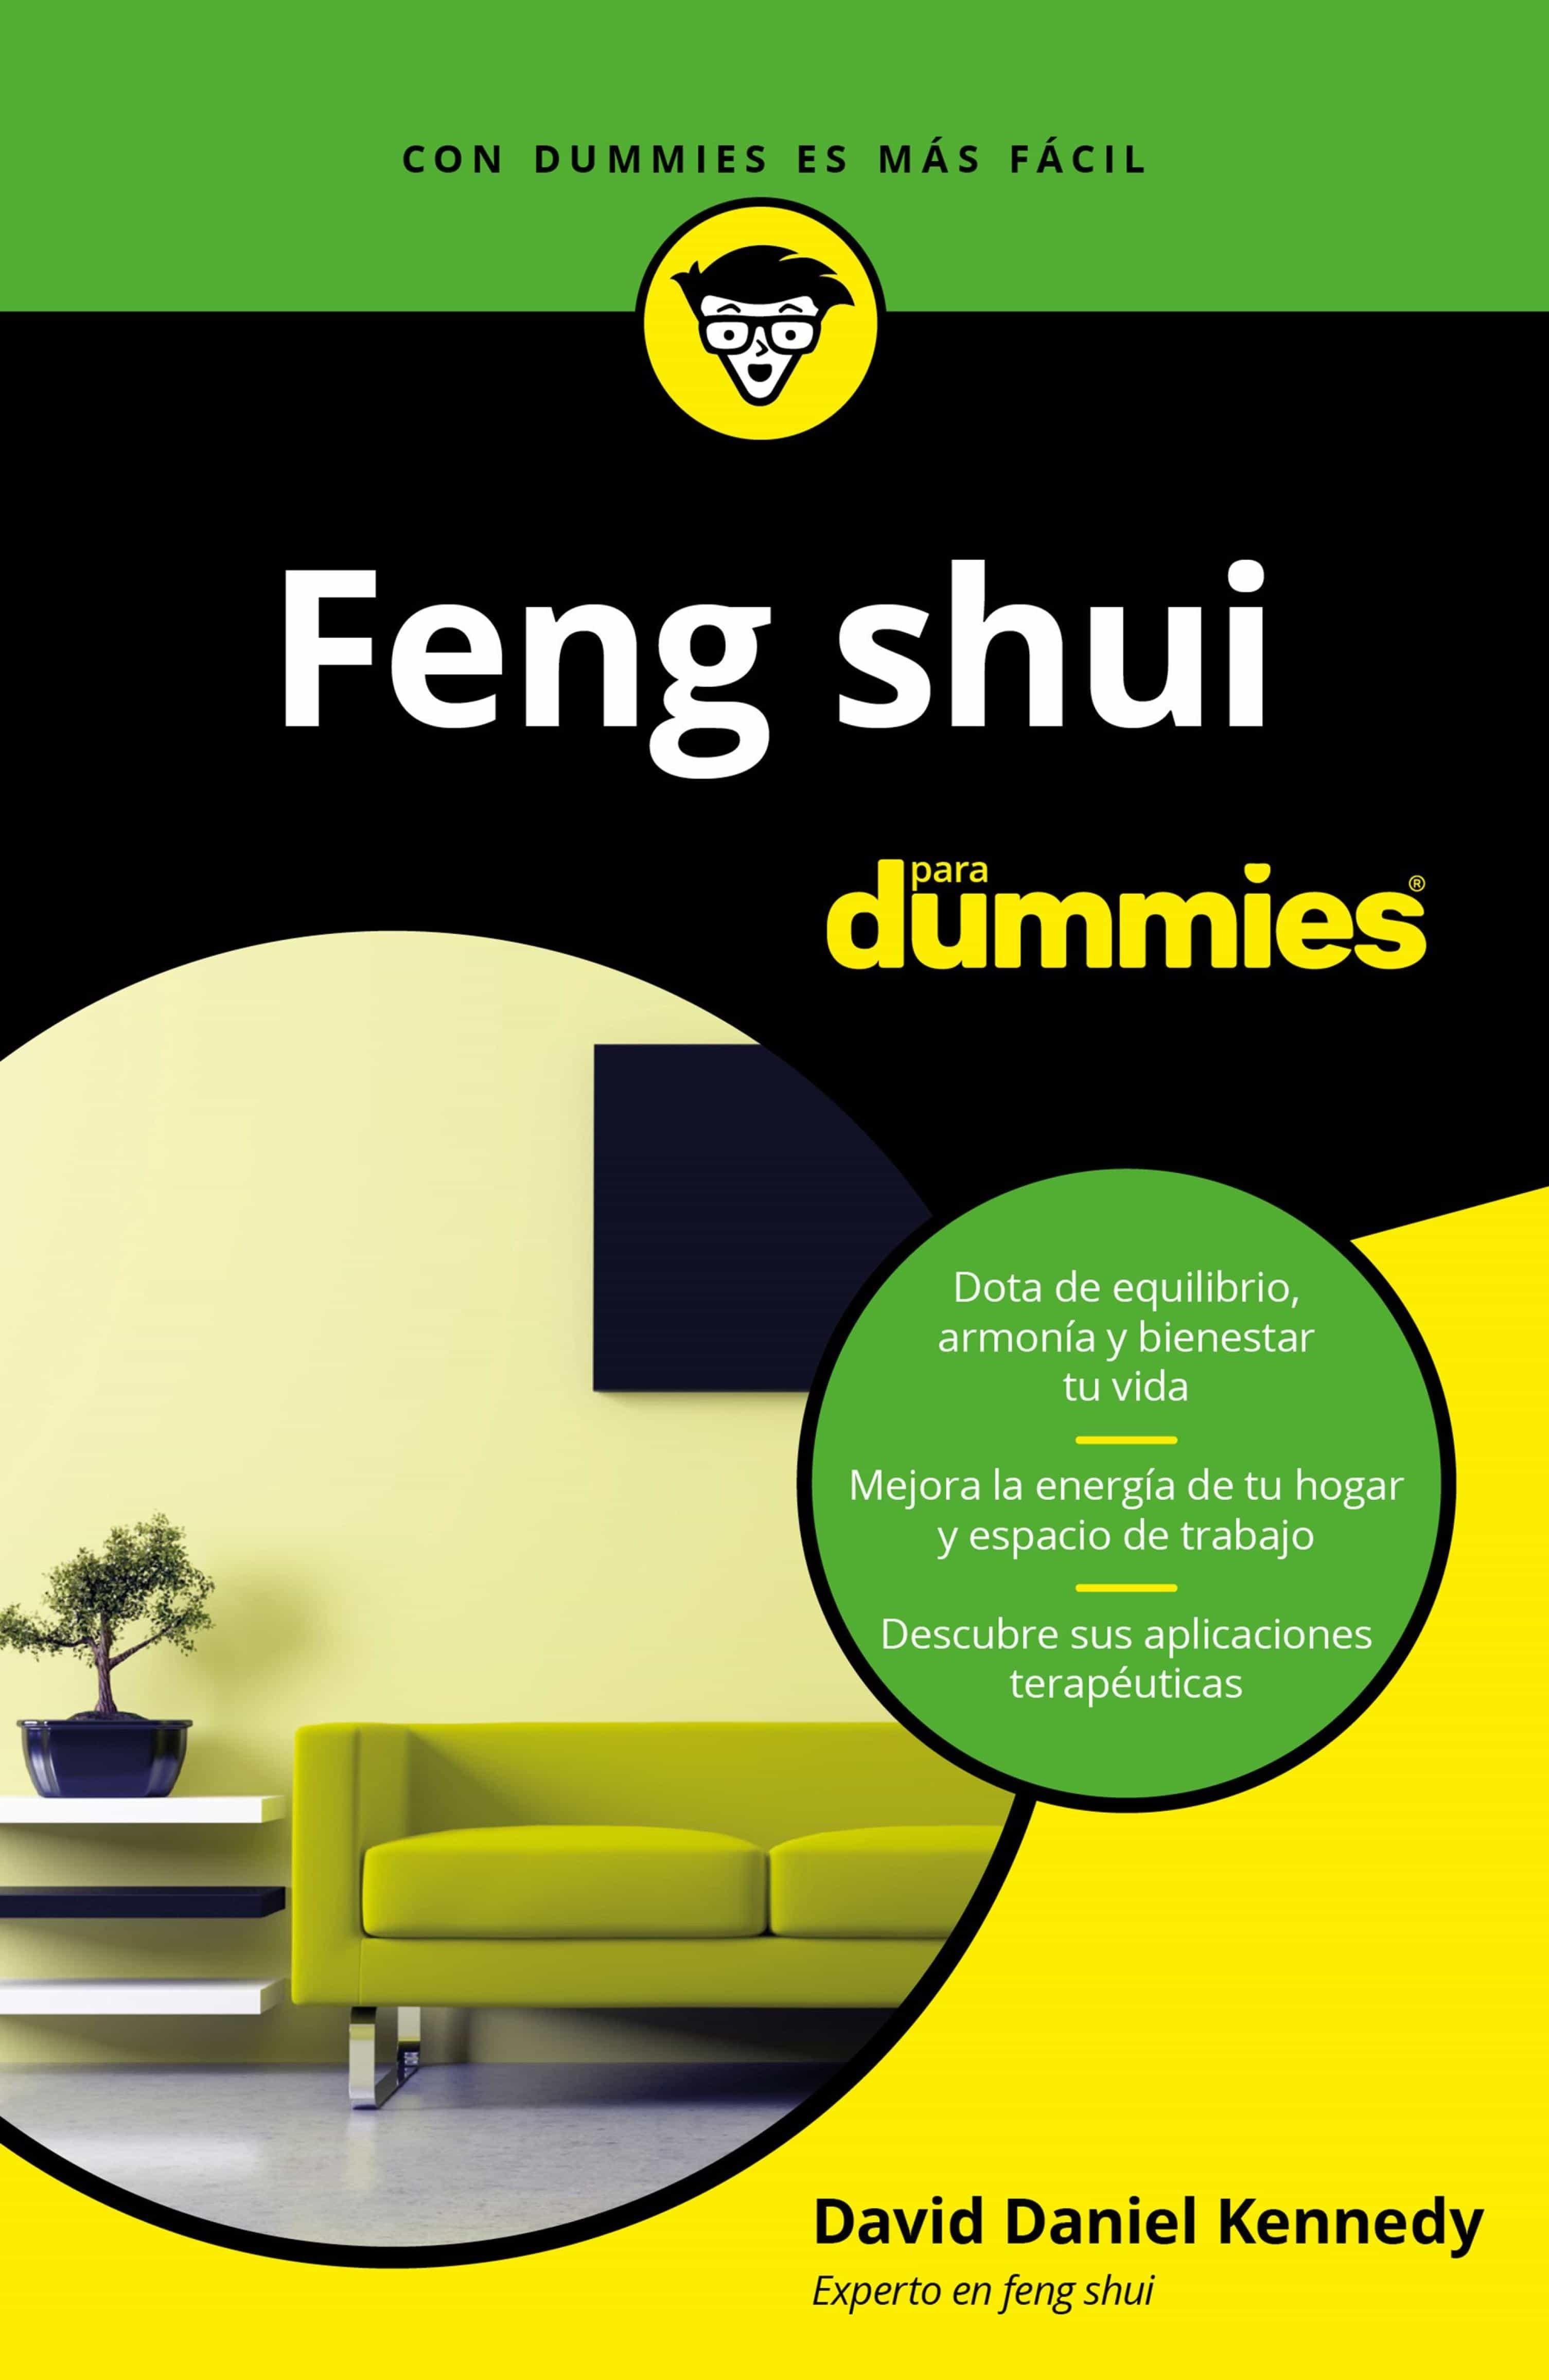 Feng shui para dummies ebook david daniel kennedy - Libros feng shui ...